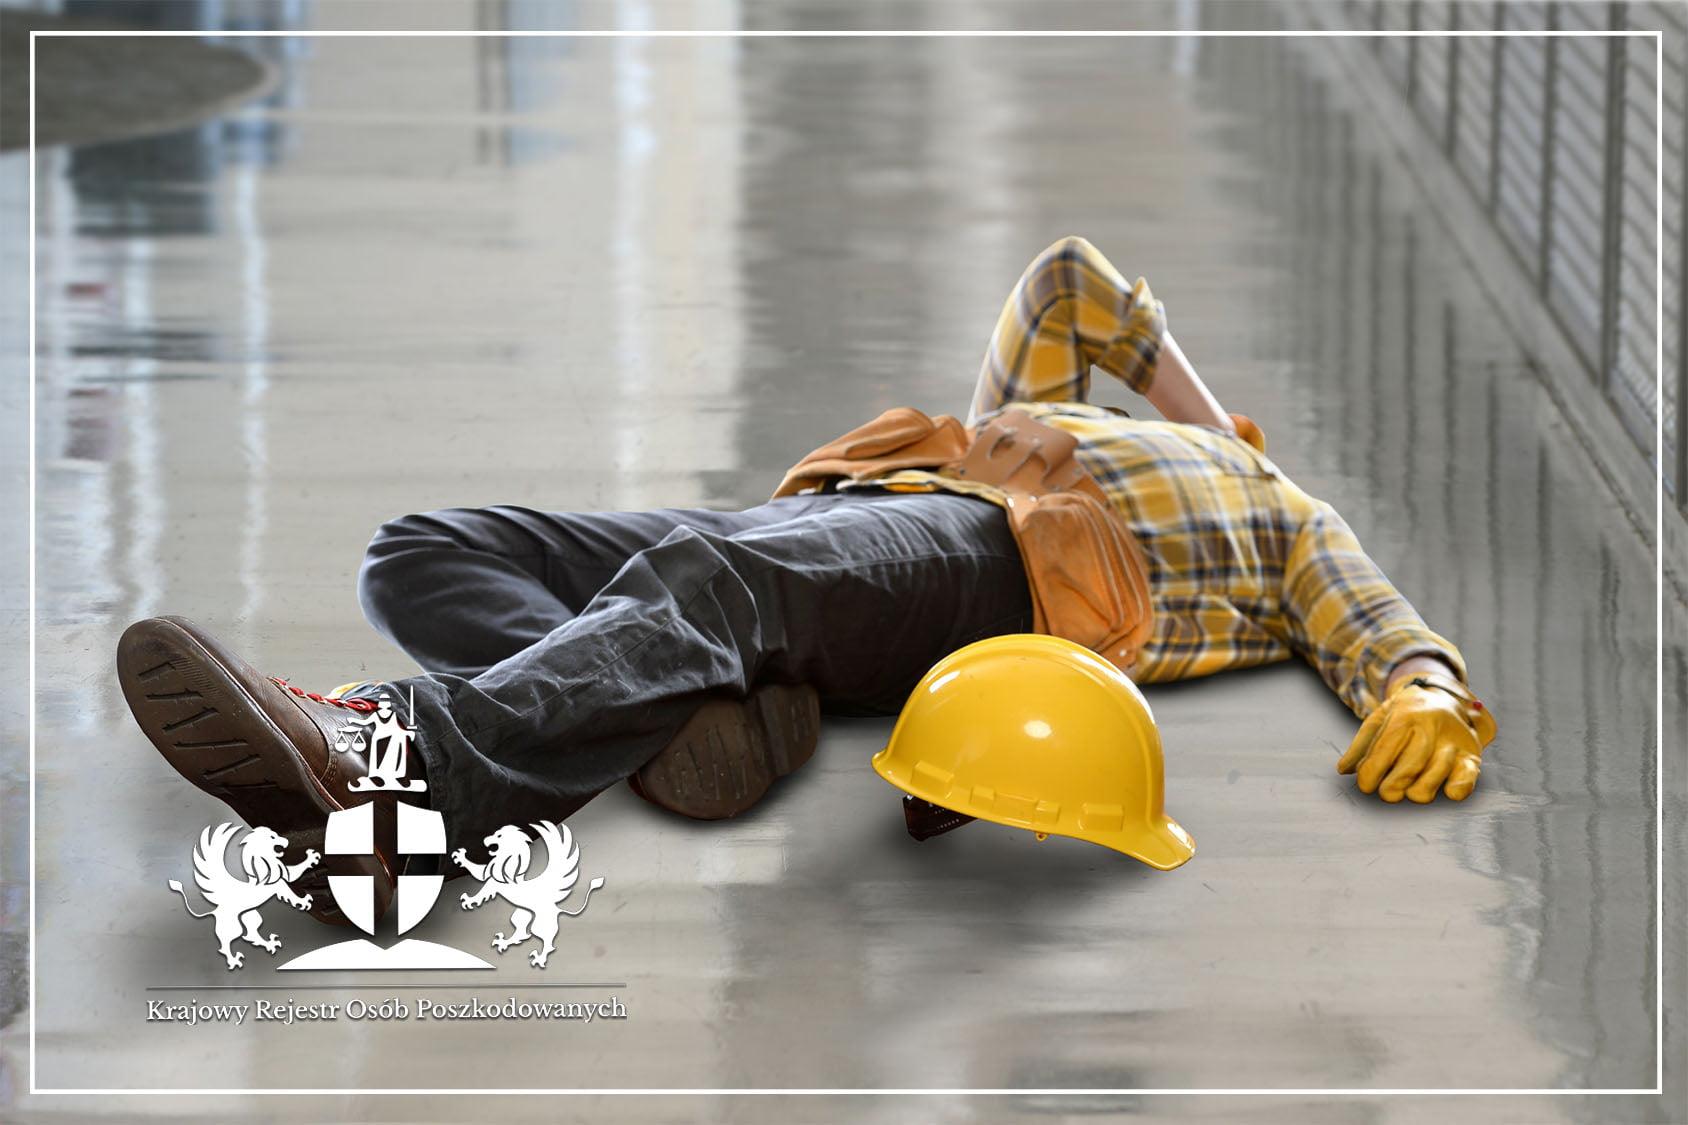 Odszkodowanie za śmierć w wyniku wypadku przy pracy